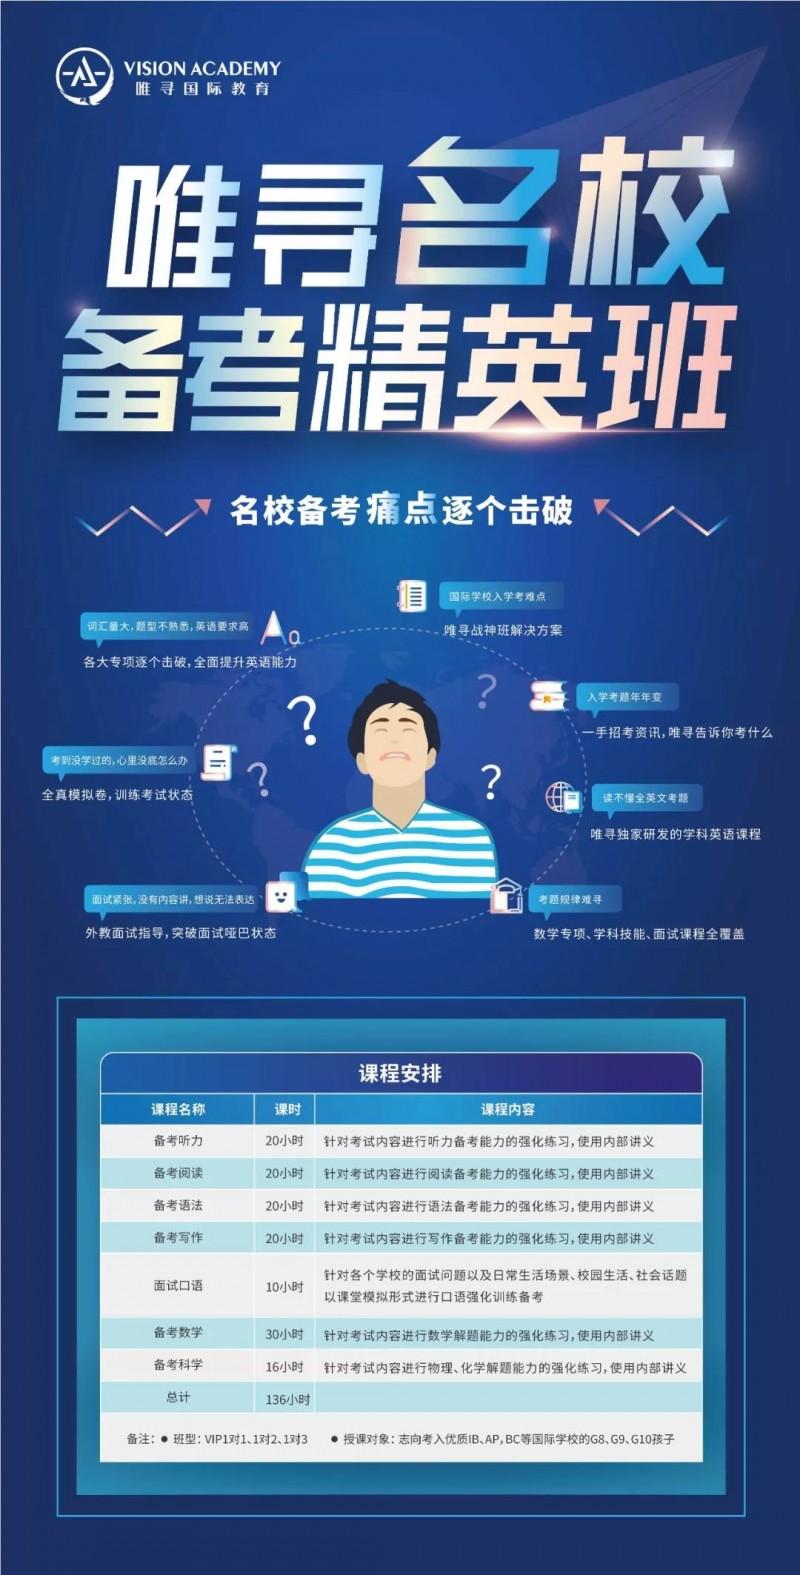 2021上海田家炳中学招生简章发布 来看看春招考试难度如何内容图片_4